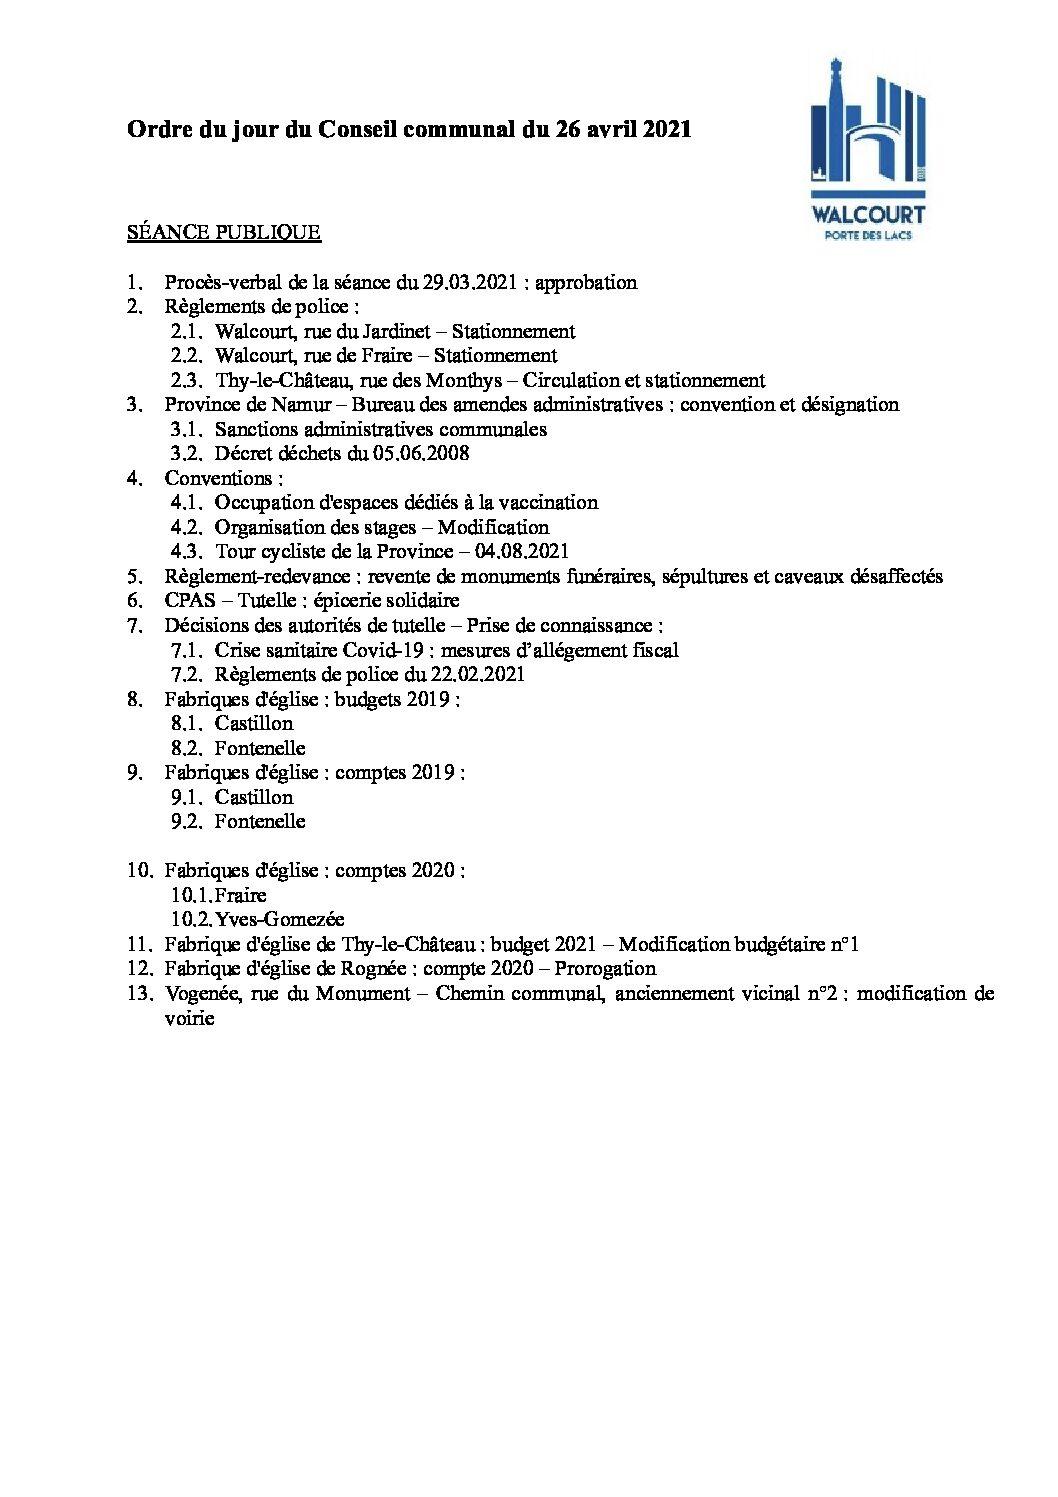 Ordre du jour – Conseil communal du 26 avril 2021